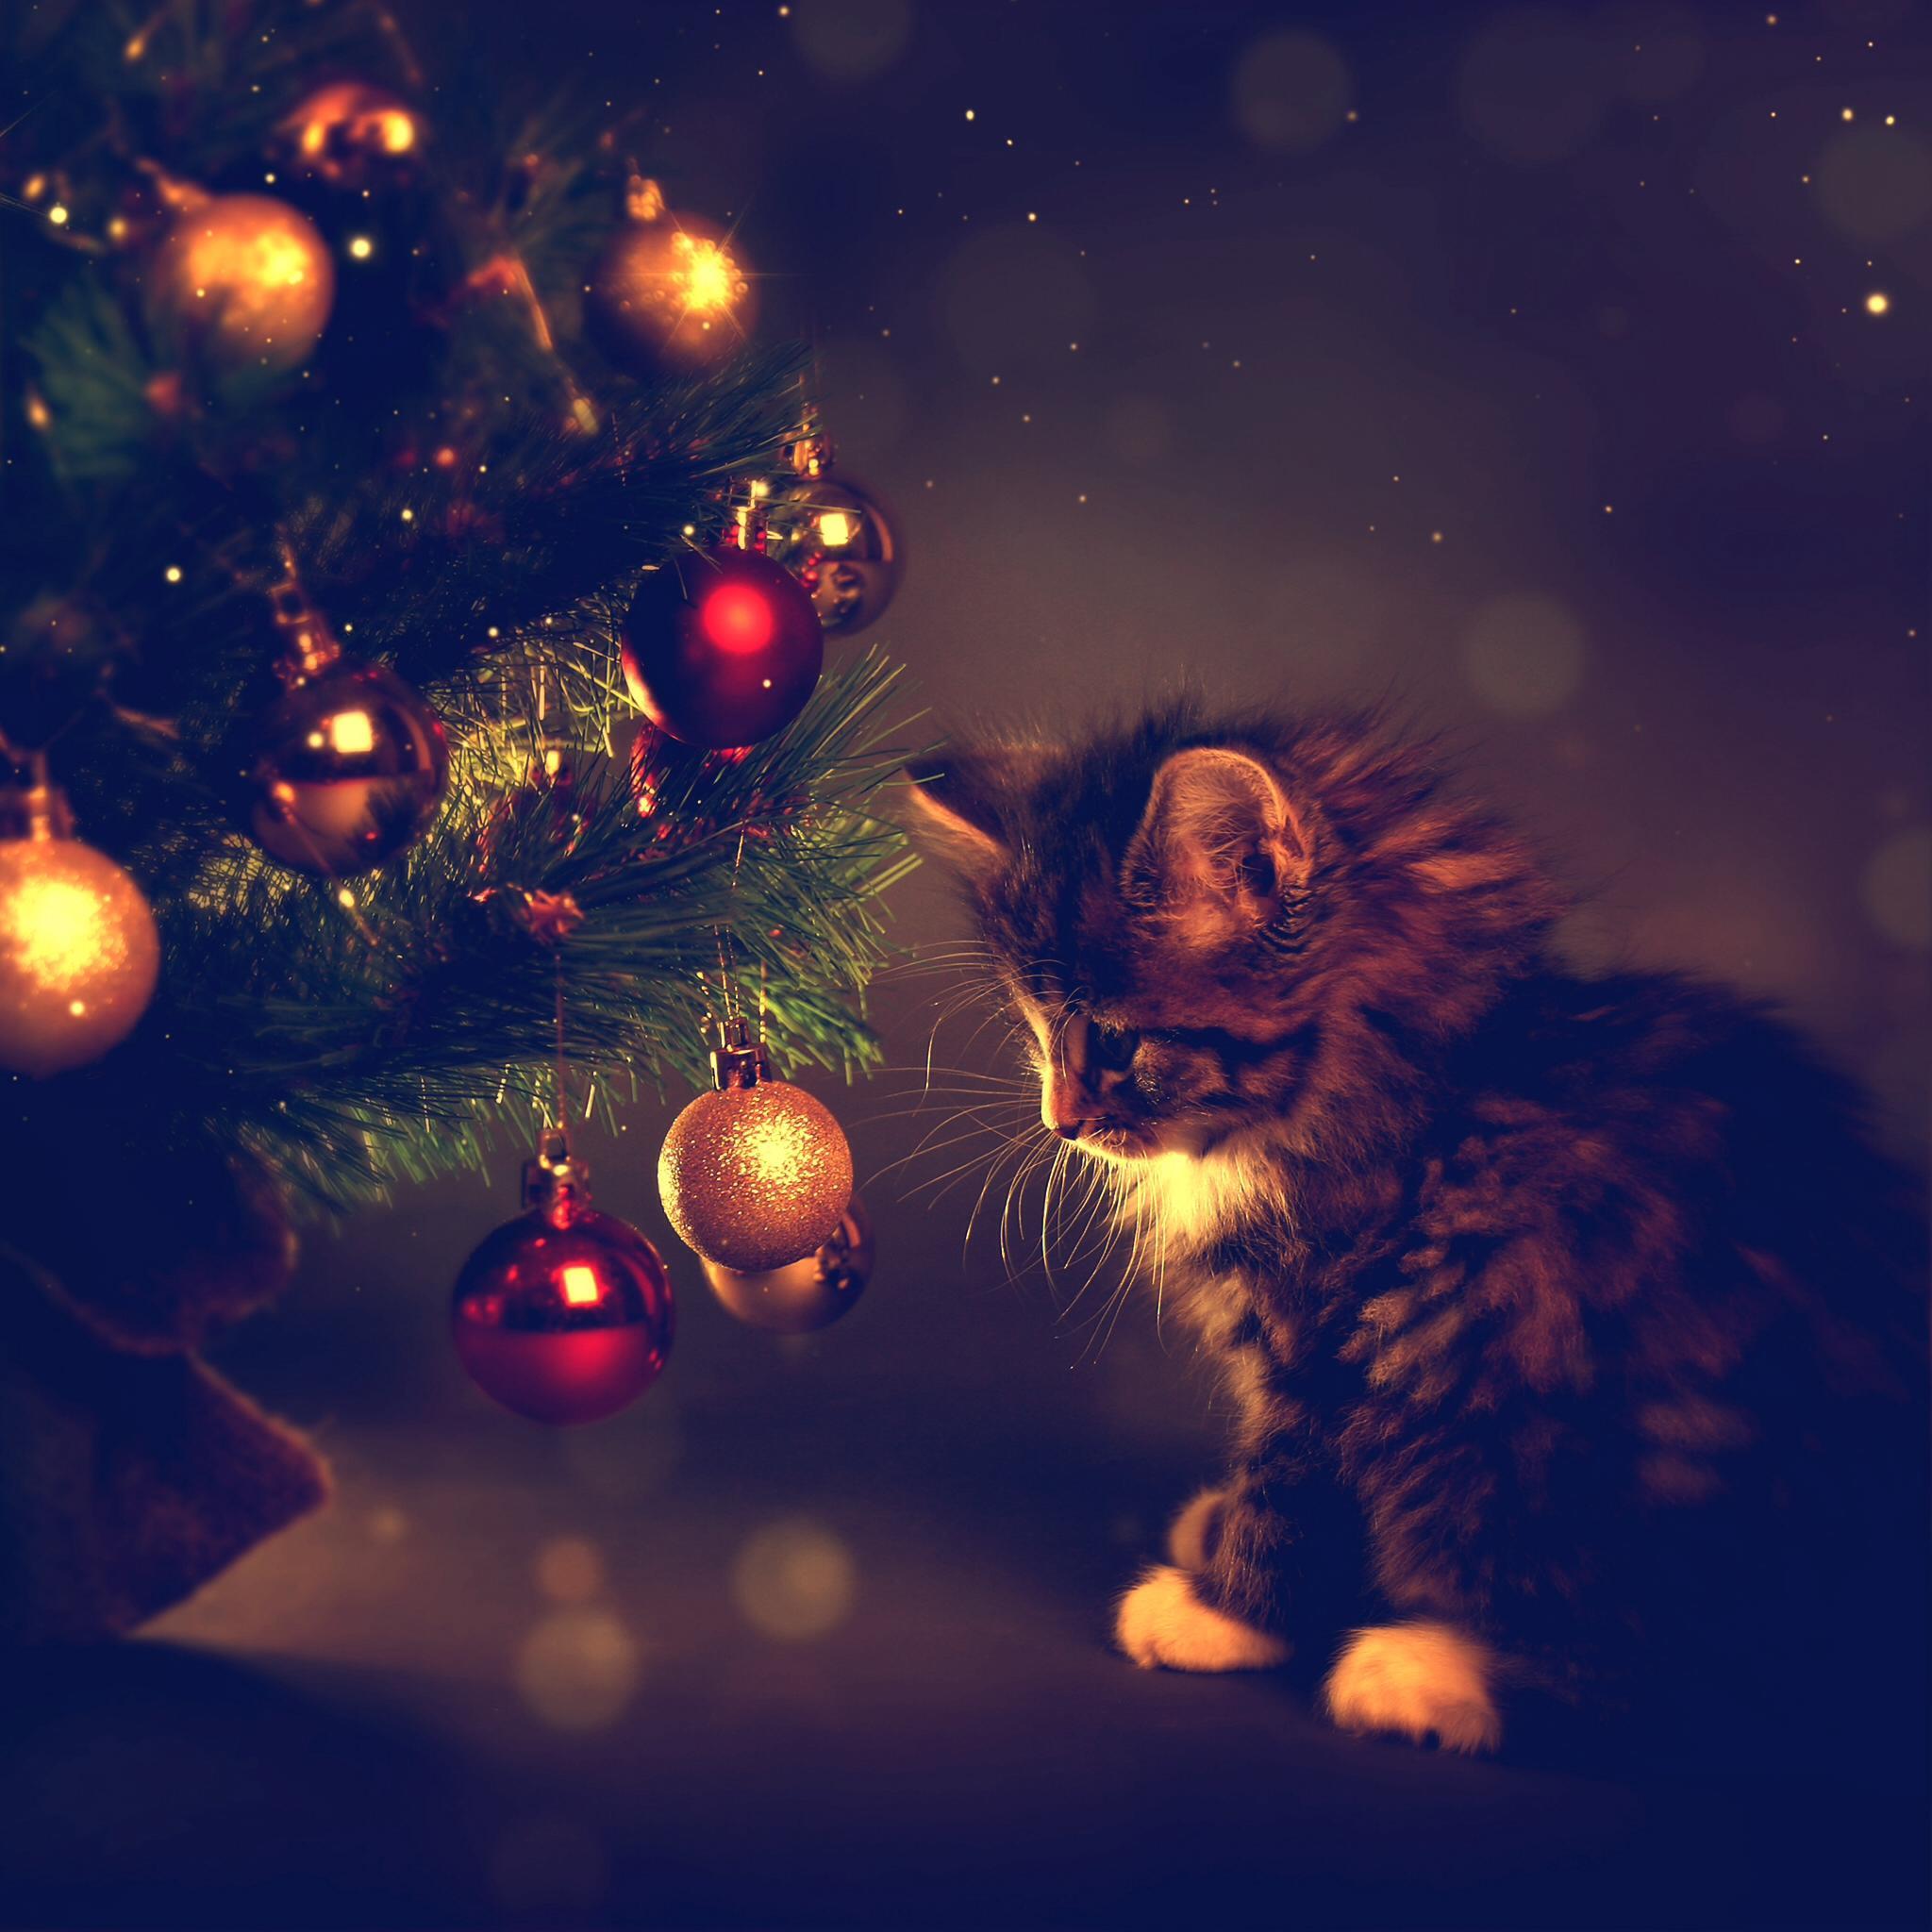 новогодняя ёлка, игрушки, котёнок